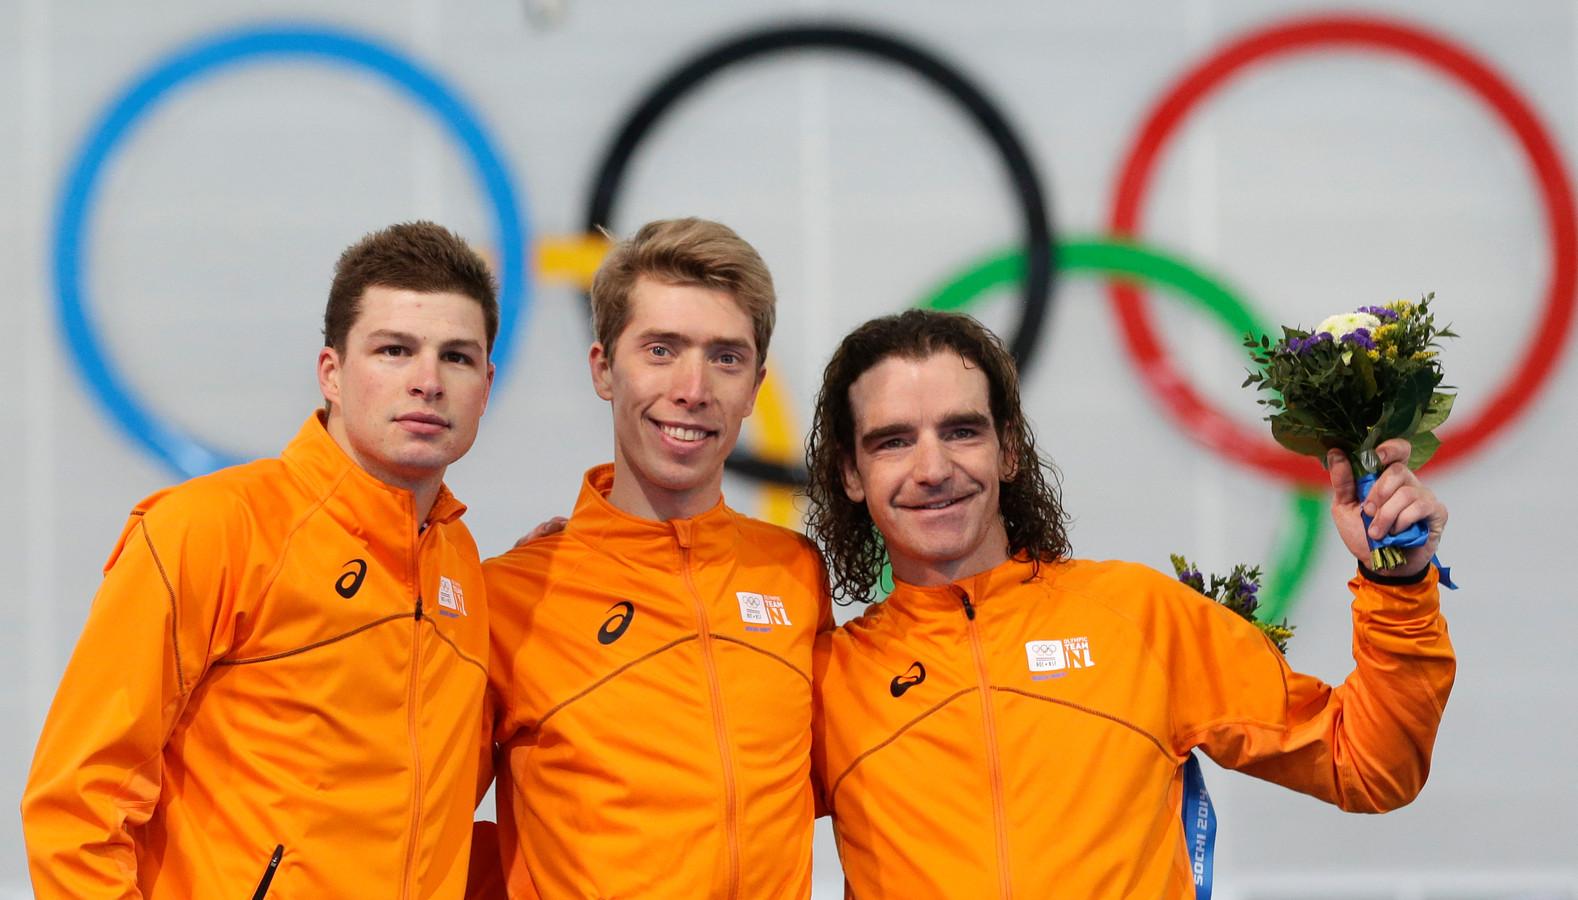 Het volledig oranje podium bij de tien kilometer van Sotsji in 2014, met Sven Kramer (zilver), Jorrit Bergsma (goud) en Bob de Jong (brons).